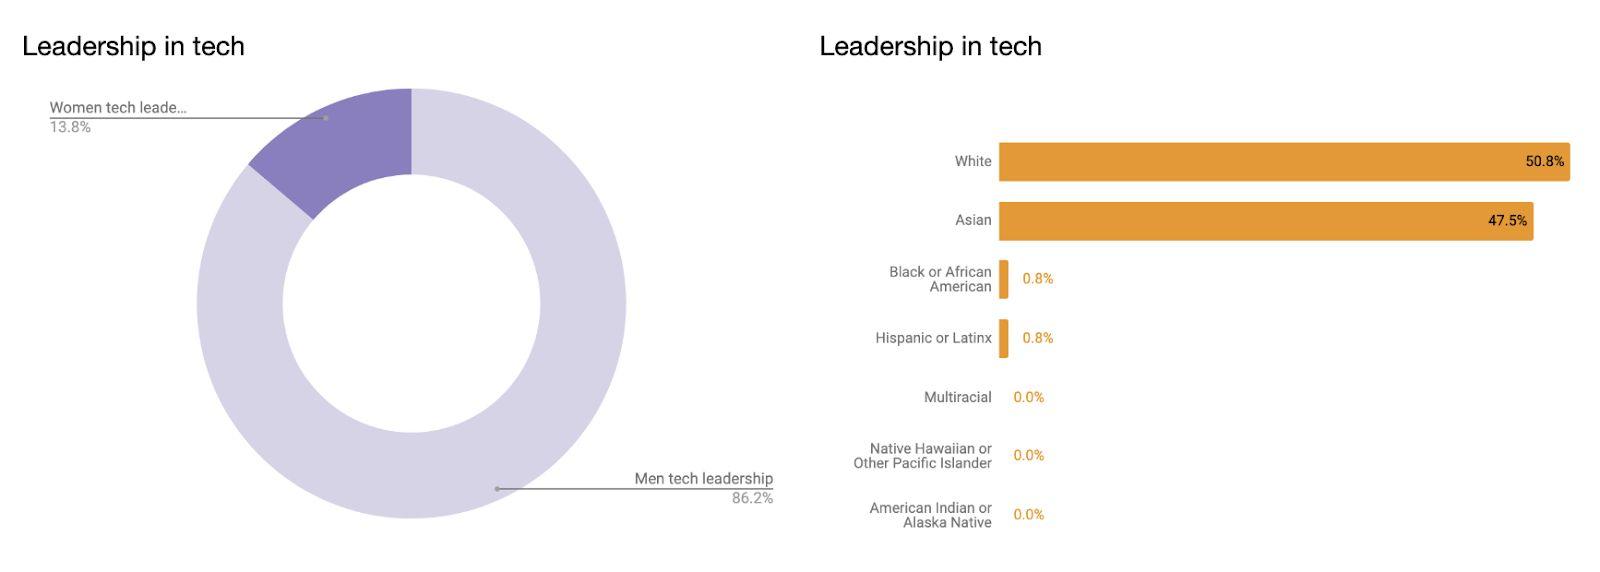 Leadership in tech, per Uber's diversity report.